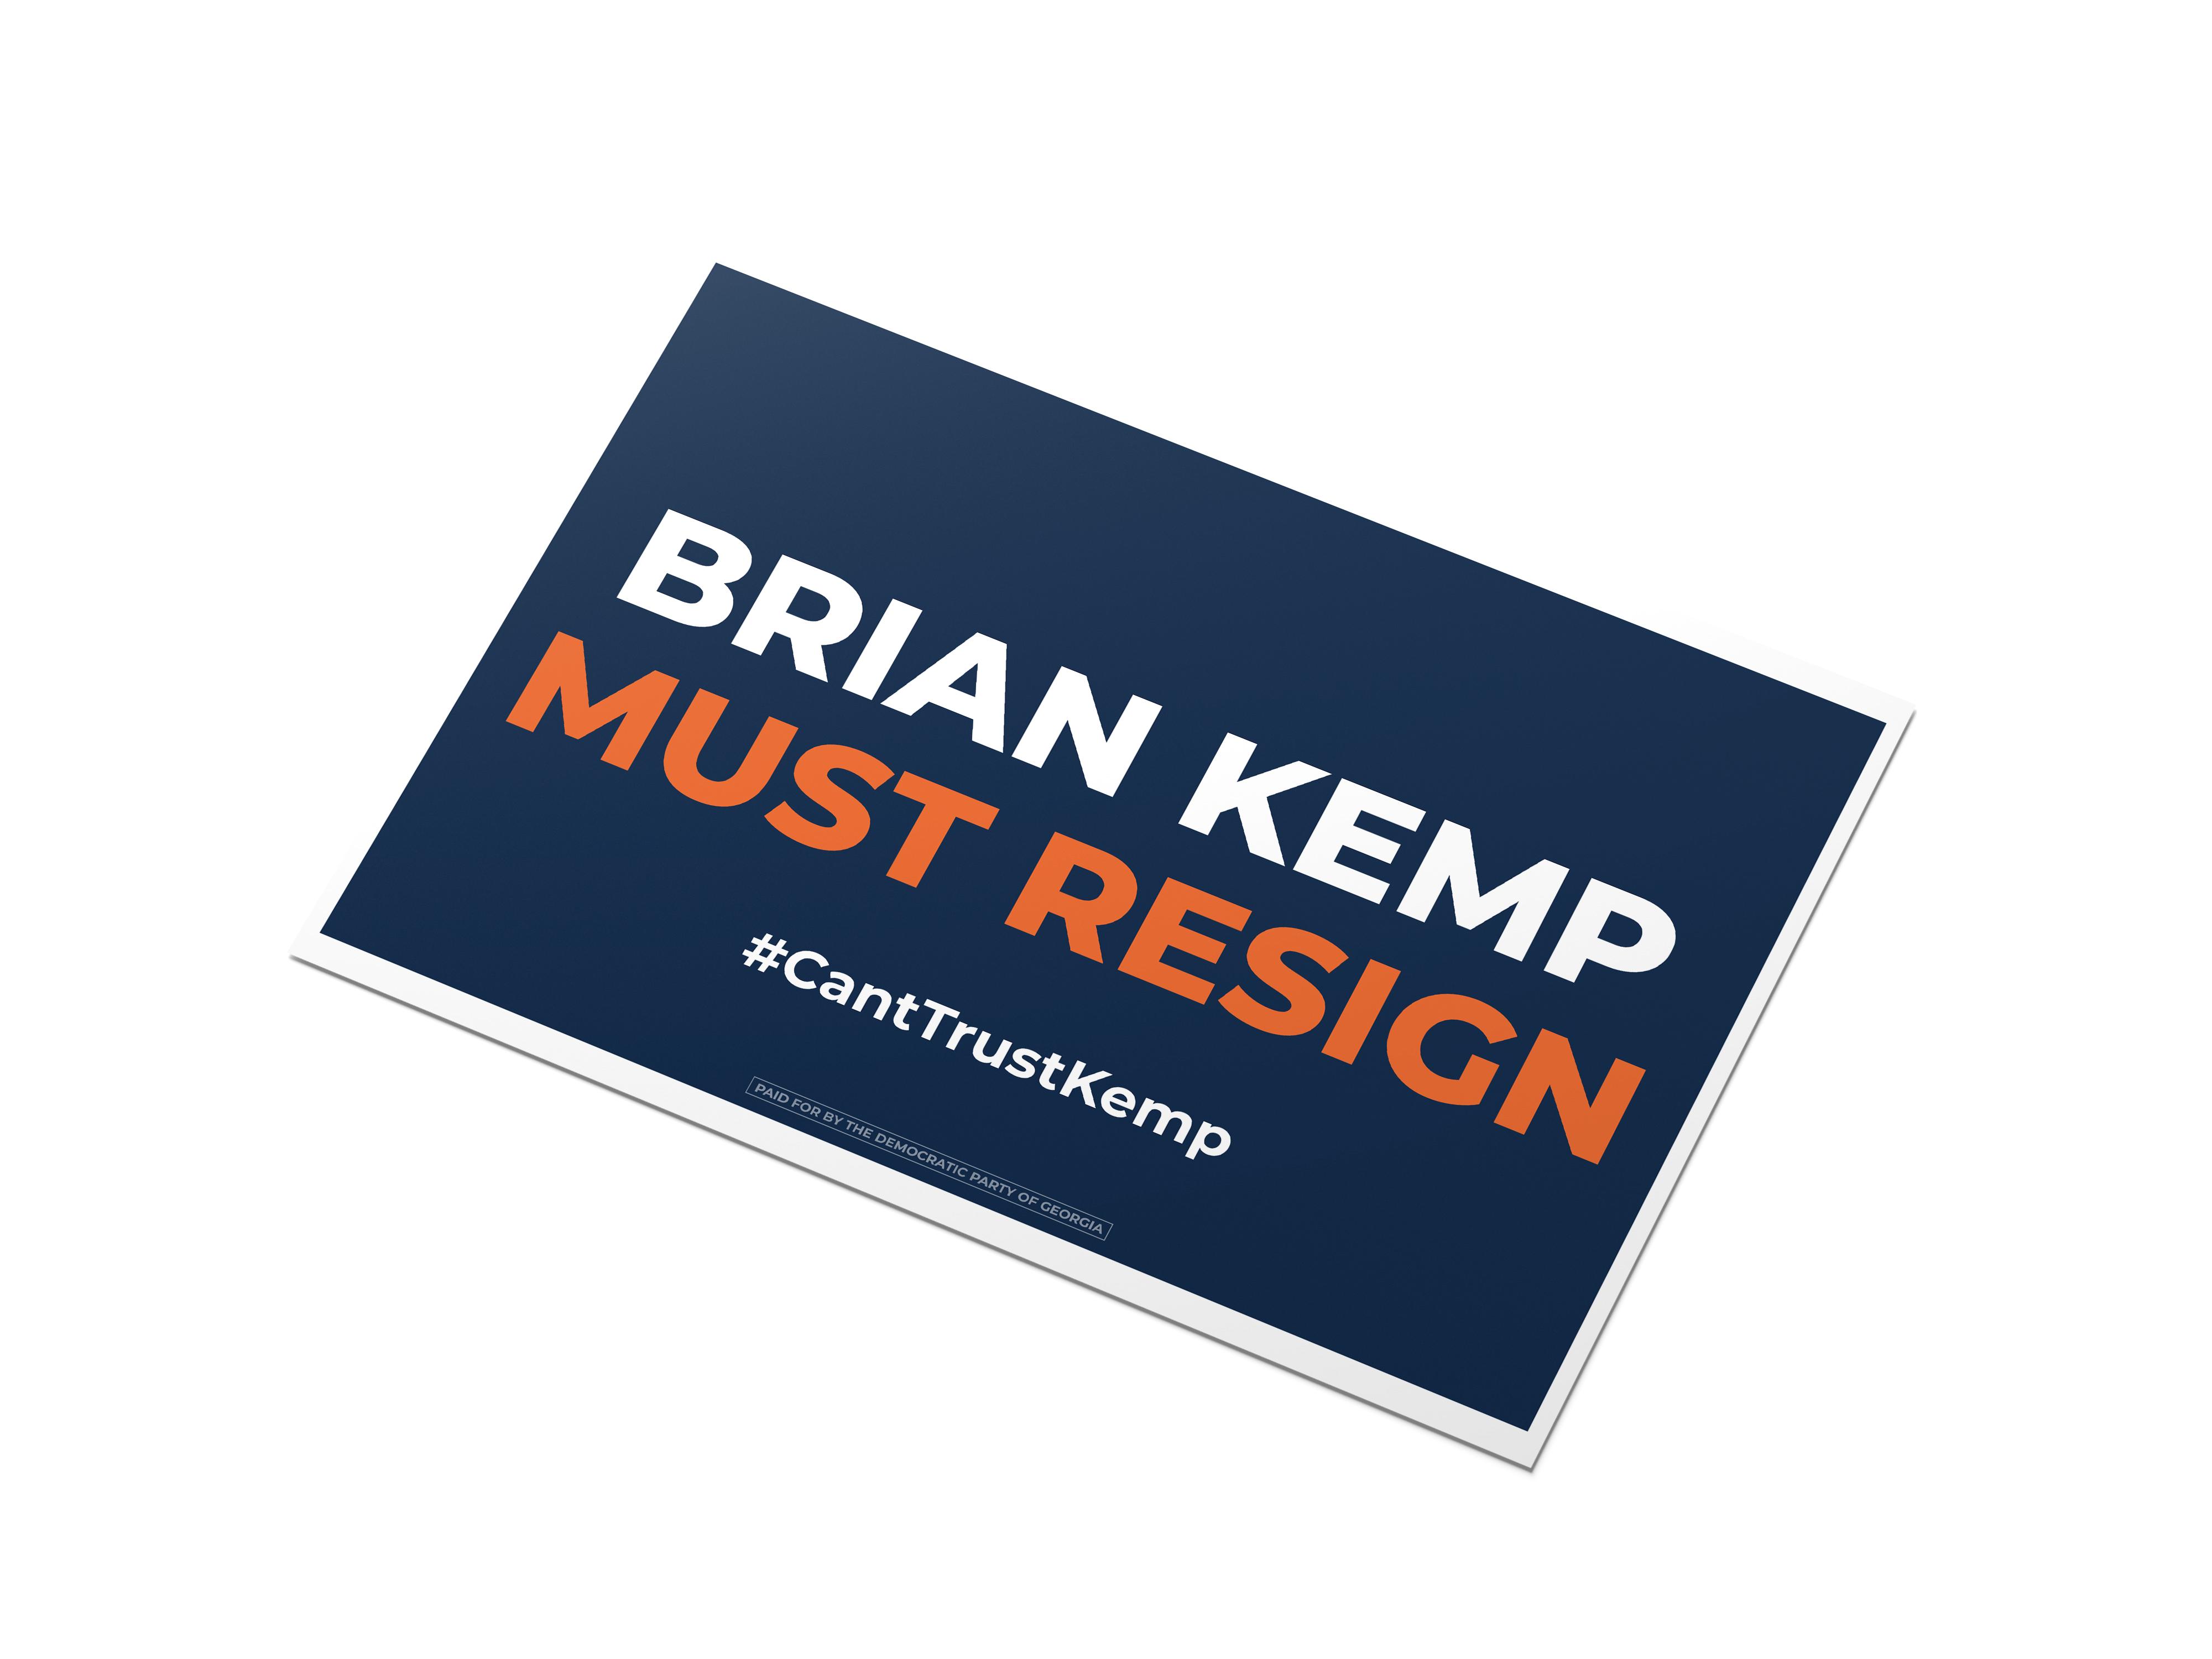 kemp-sign